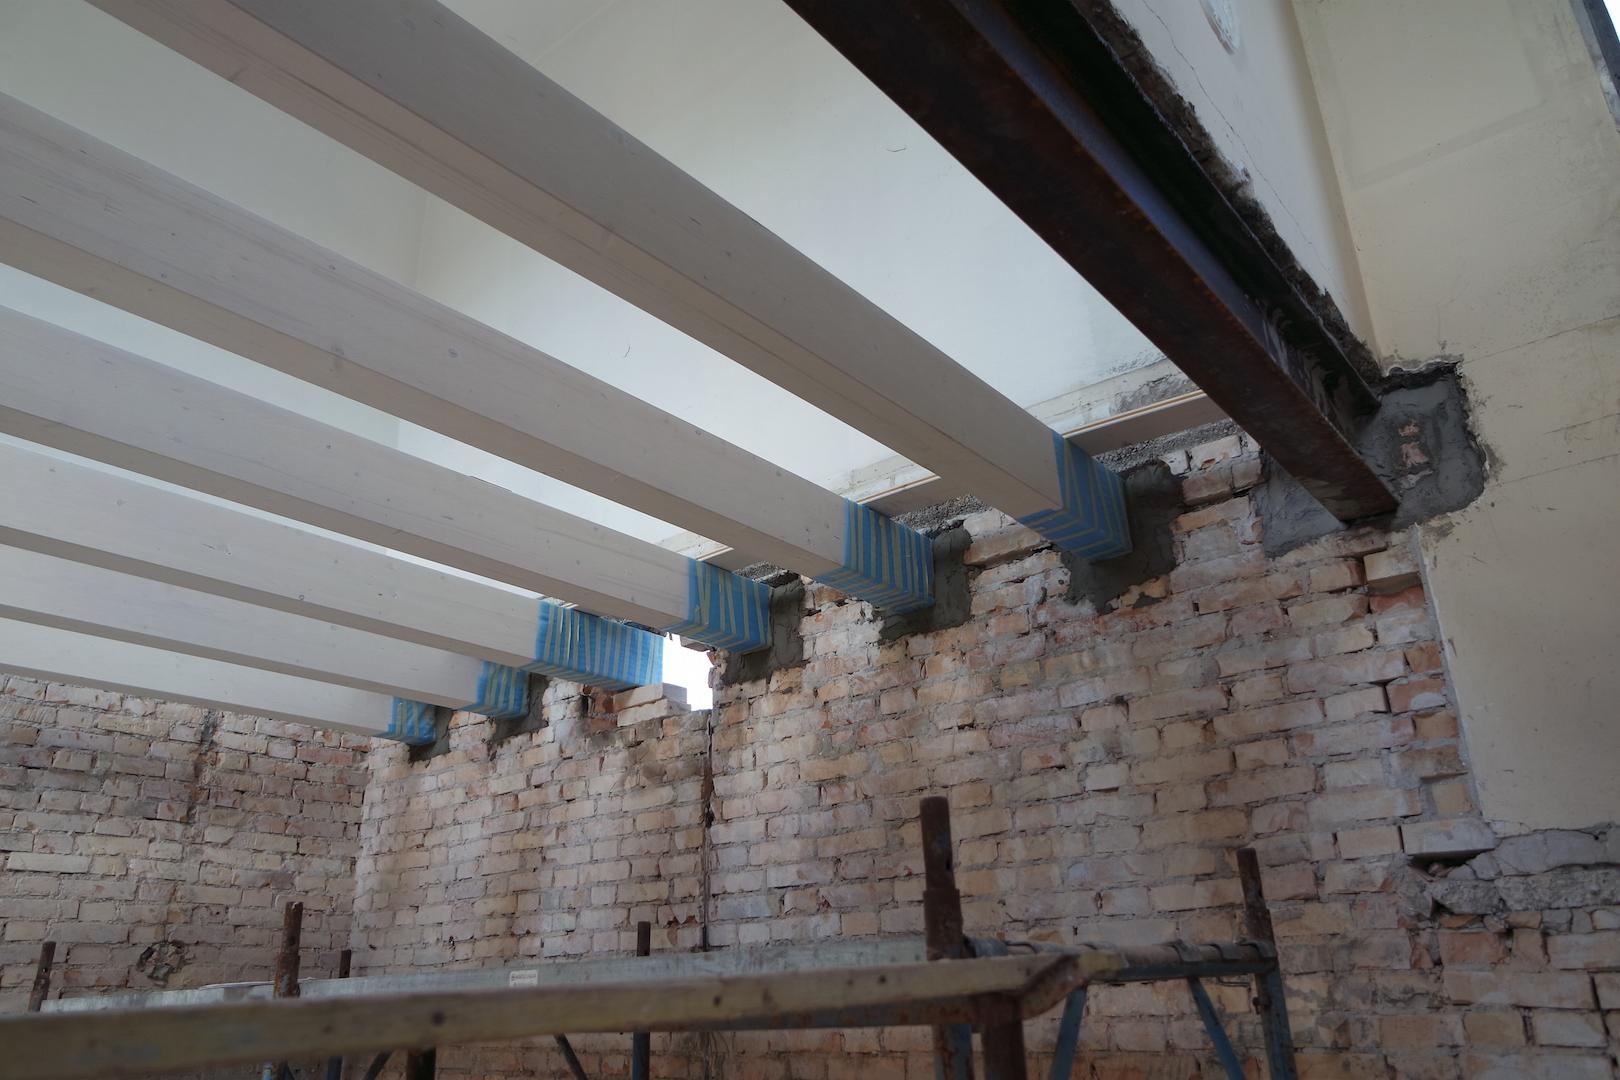 Superb Travi E Putrelle Solaio Ristrutturazione Casa Treviso: Travi E Putrella,  Abbattimento Muro Portante Ristrutturazione Casa